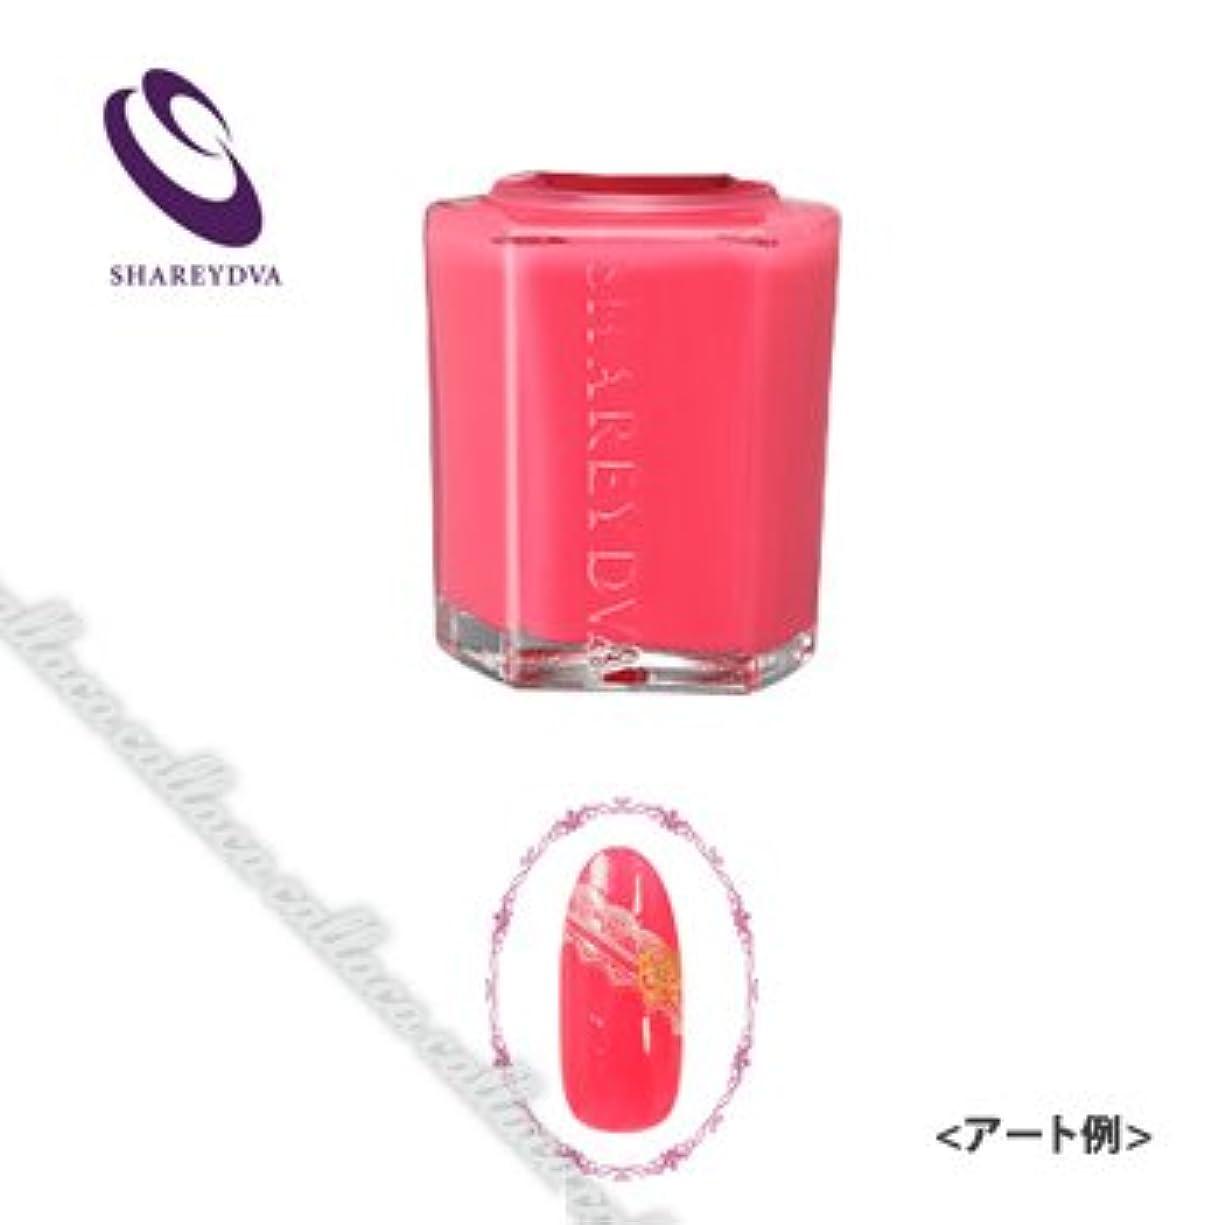 暫定の今後酸化するSHAREYDVAカラー No.35(15ml)